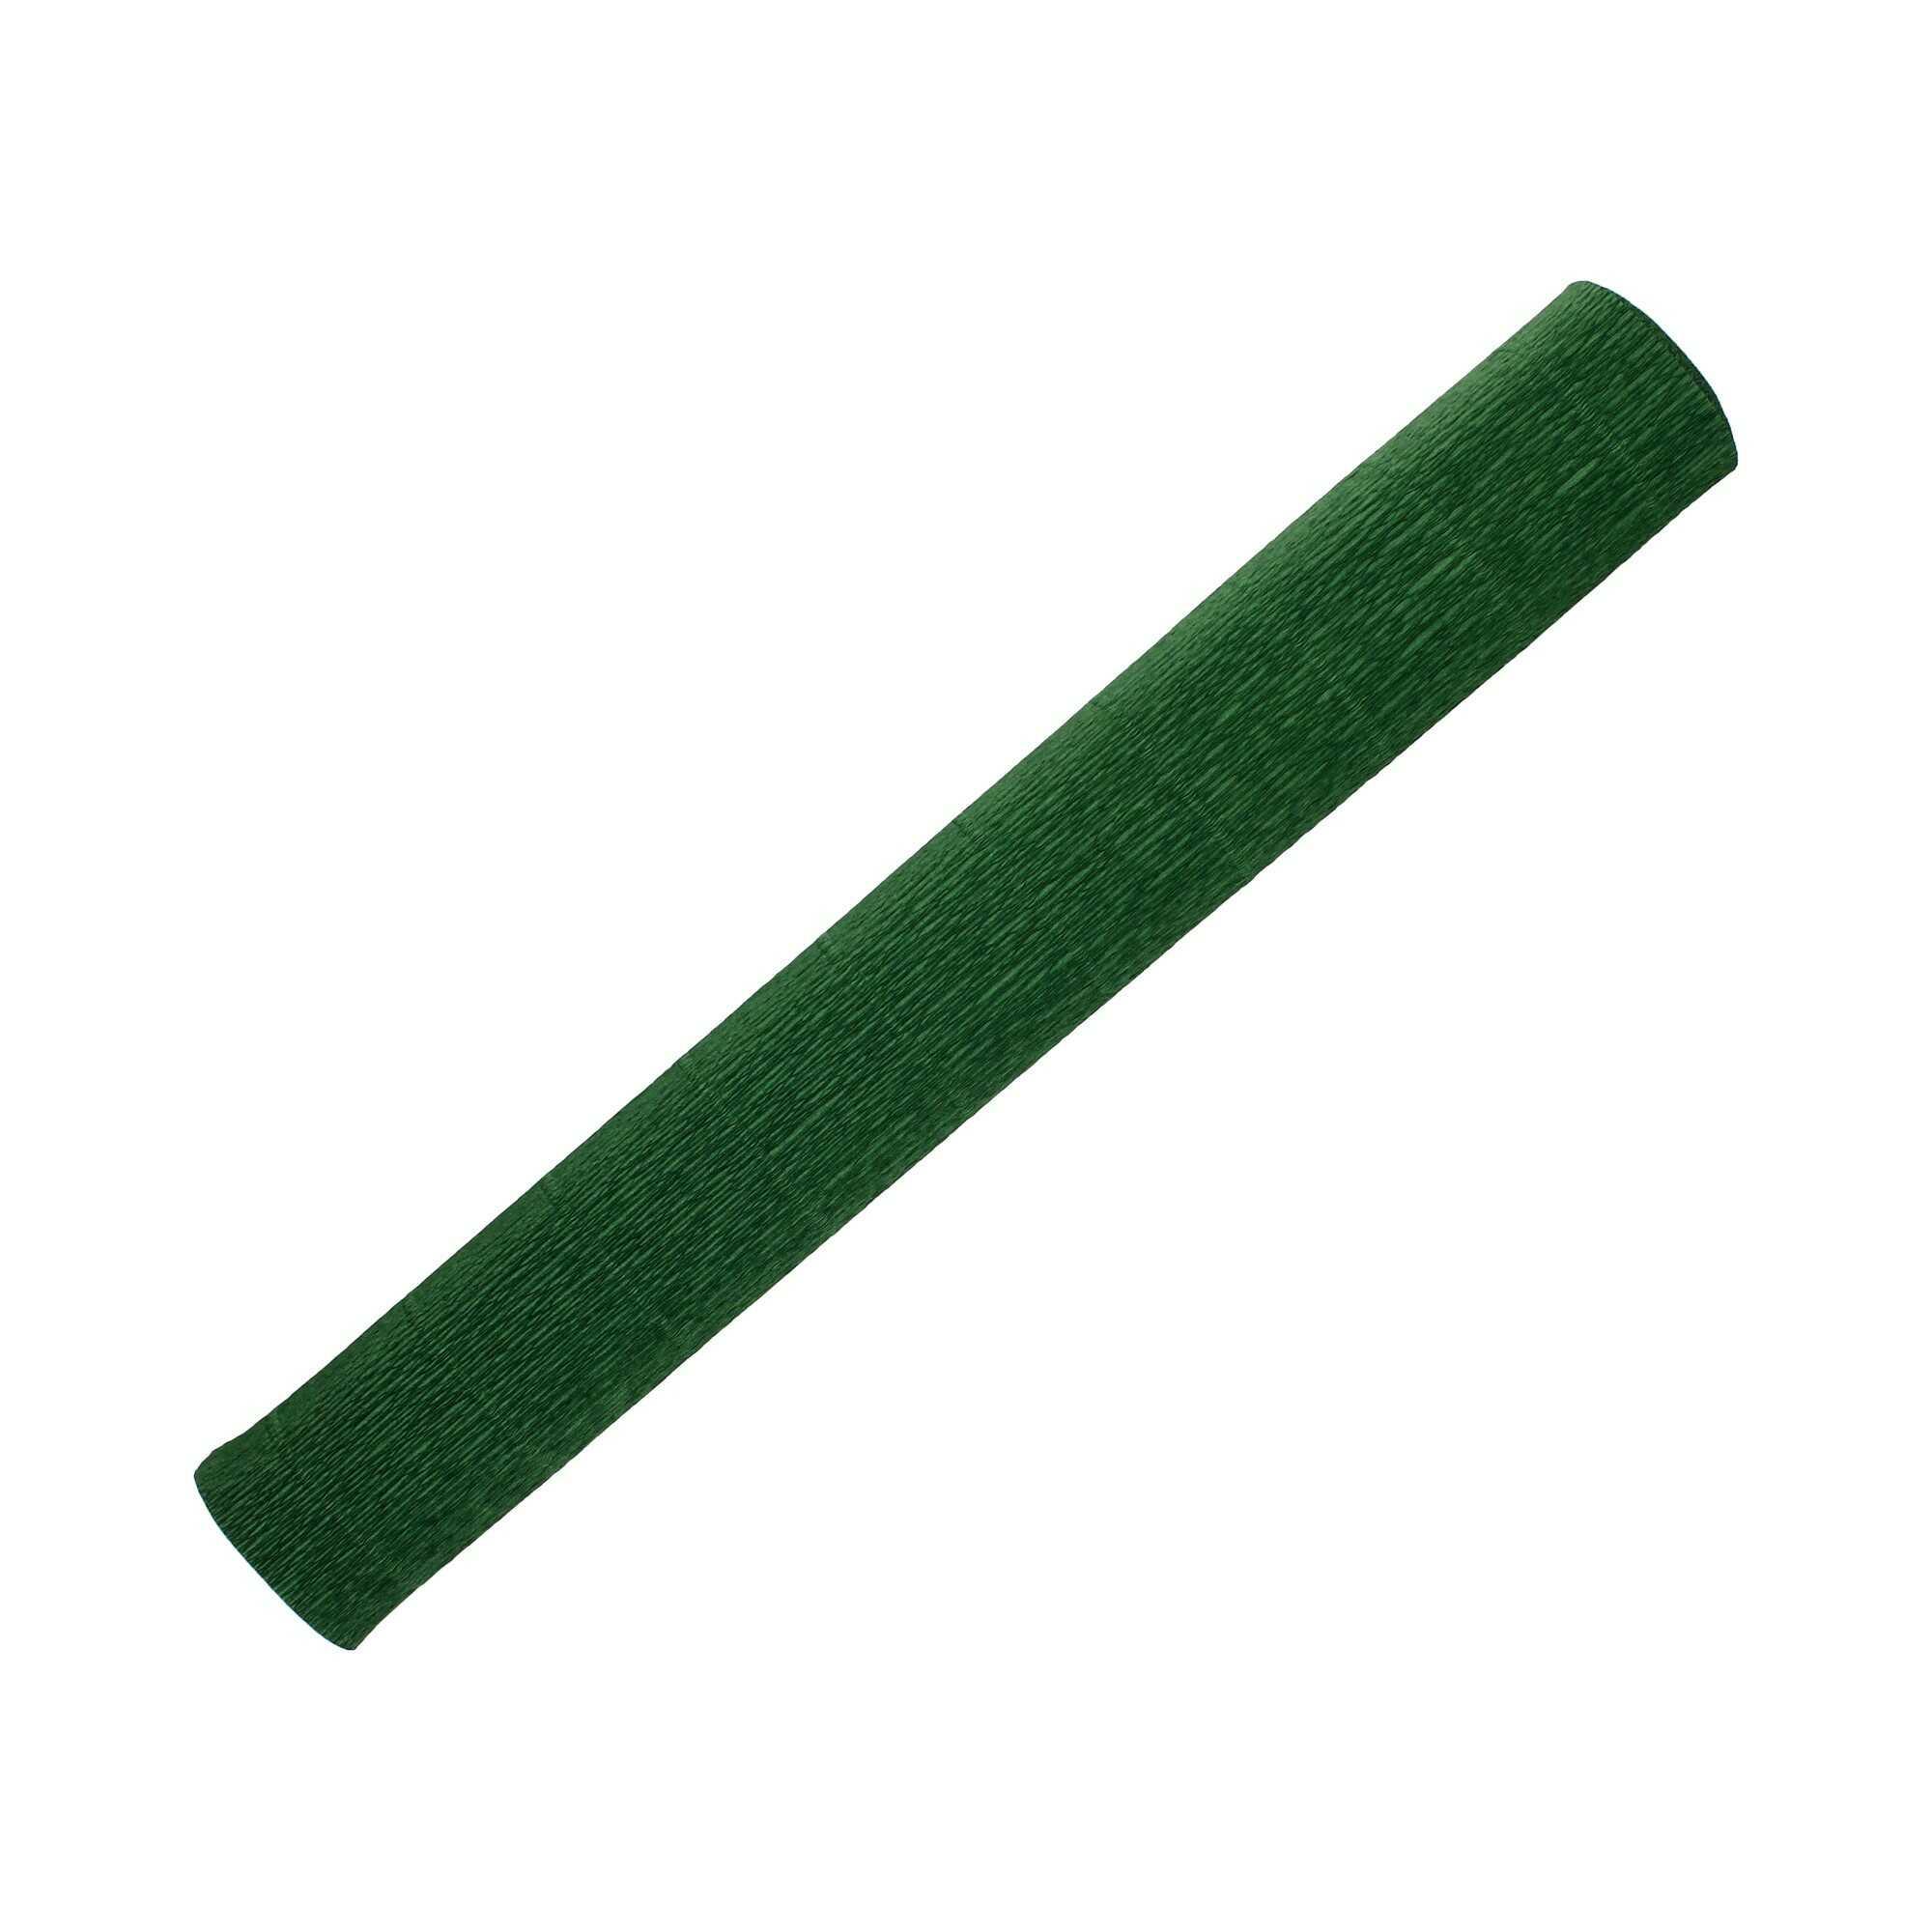 Krepina odcień zielony 591 Latek